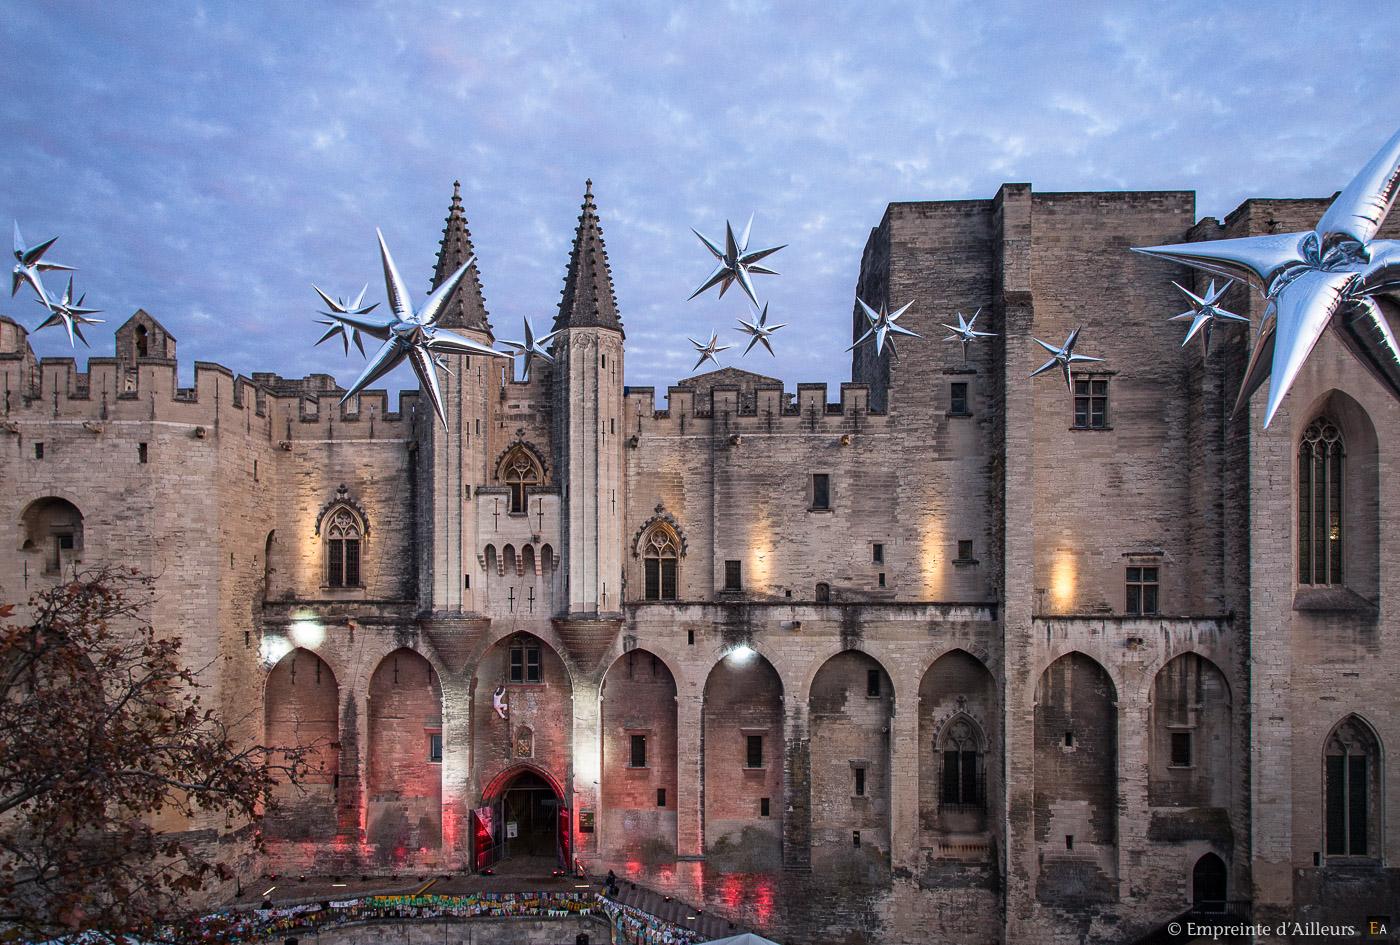 Installation de ballon étoile pour le Téléthon 2015 au Palais des Papes d'Avignon. Antoine Le Menestrel escalade la façade du Palais